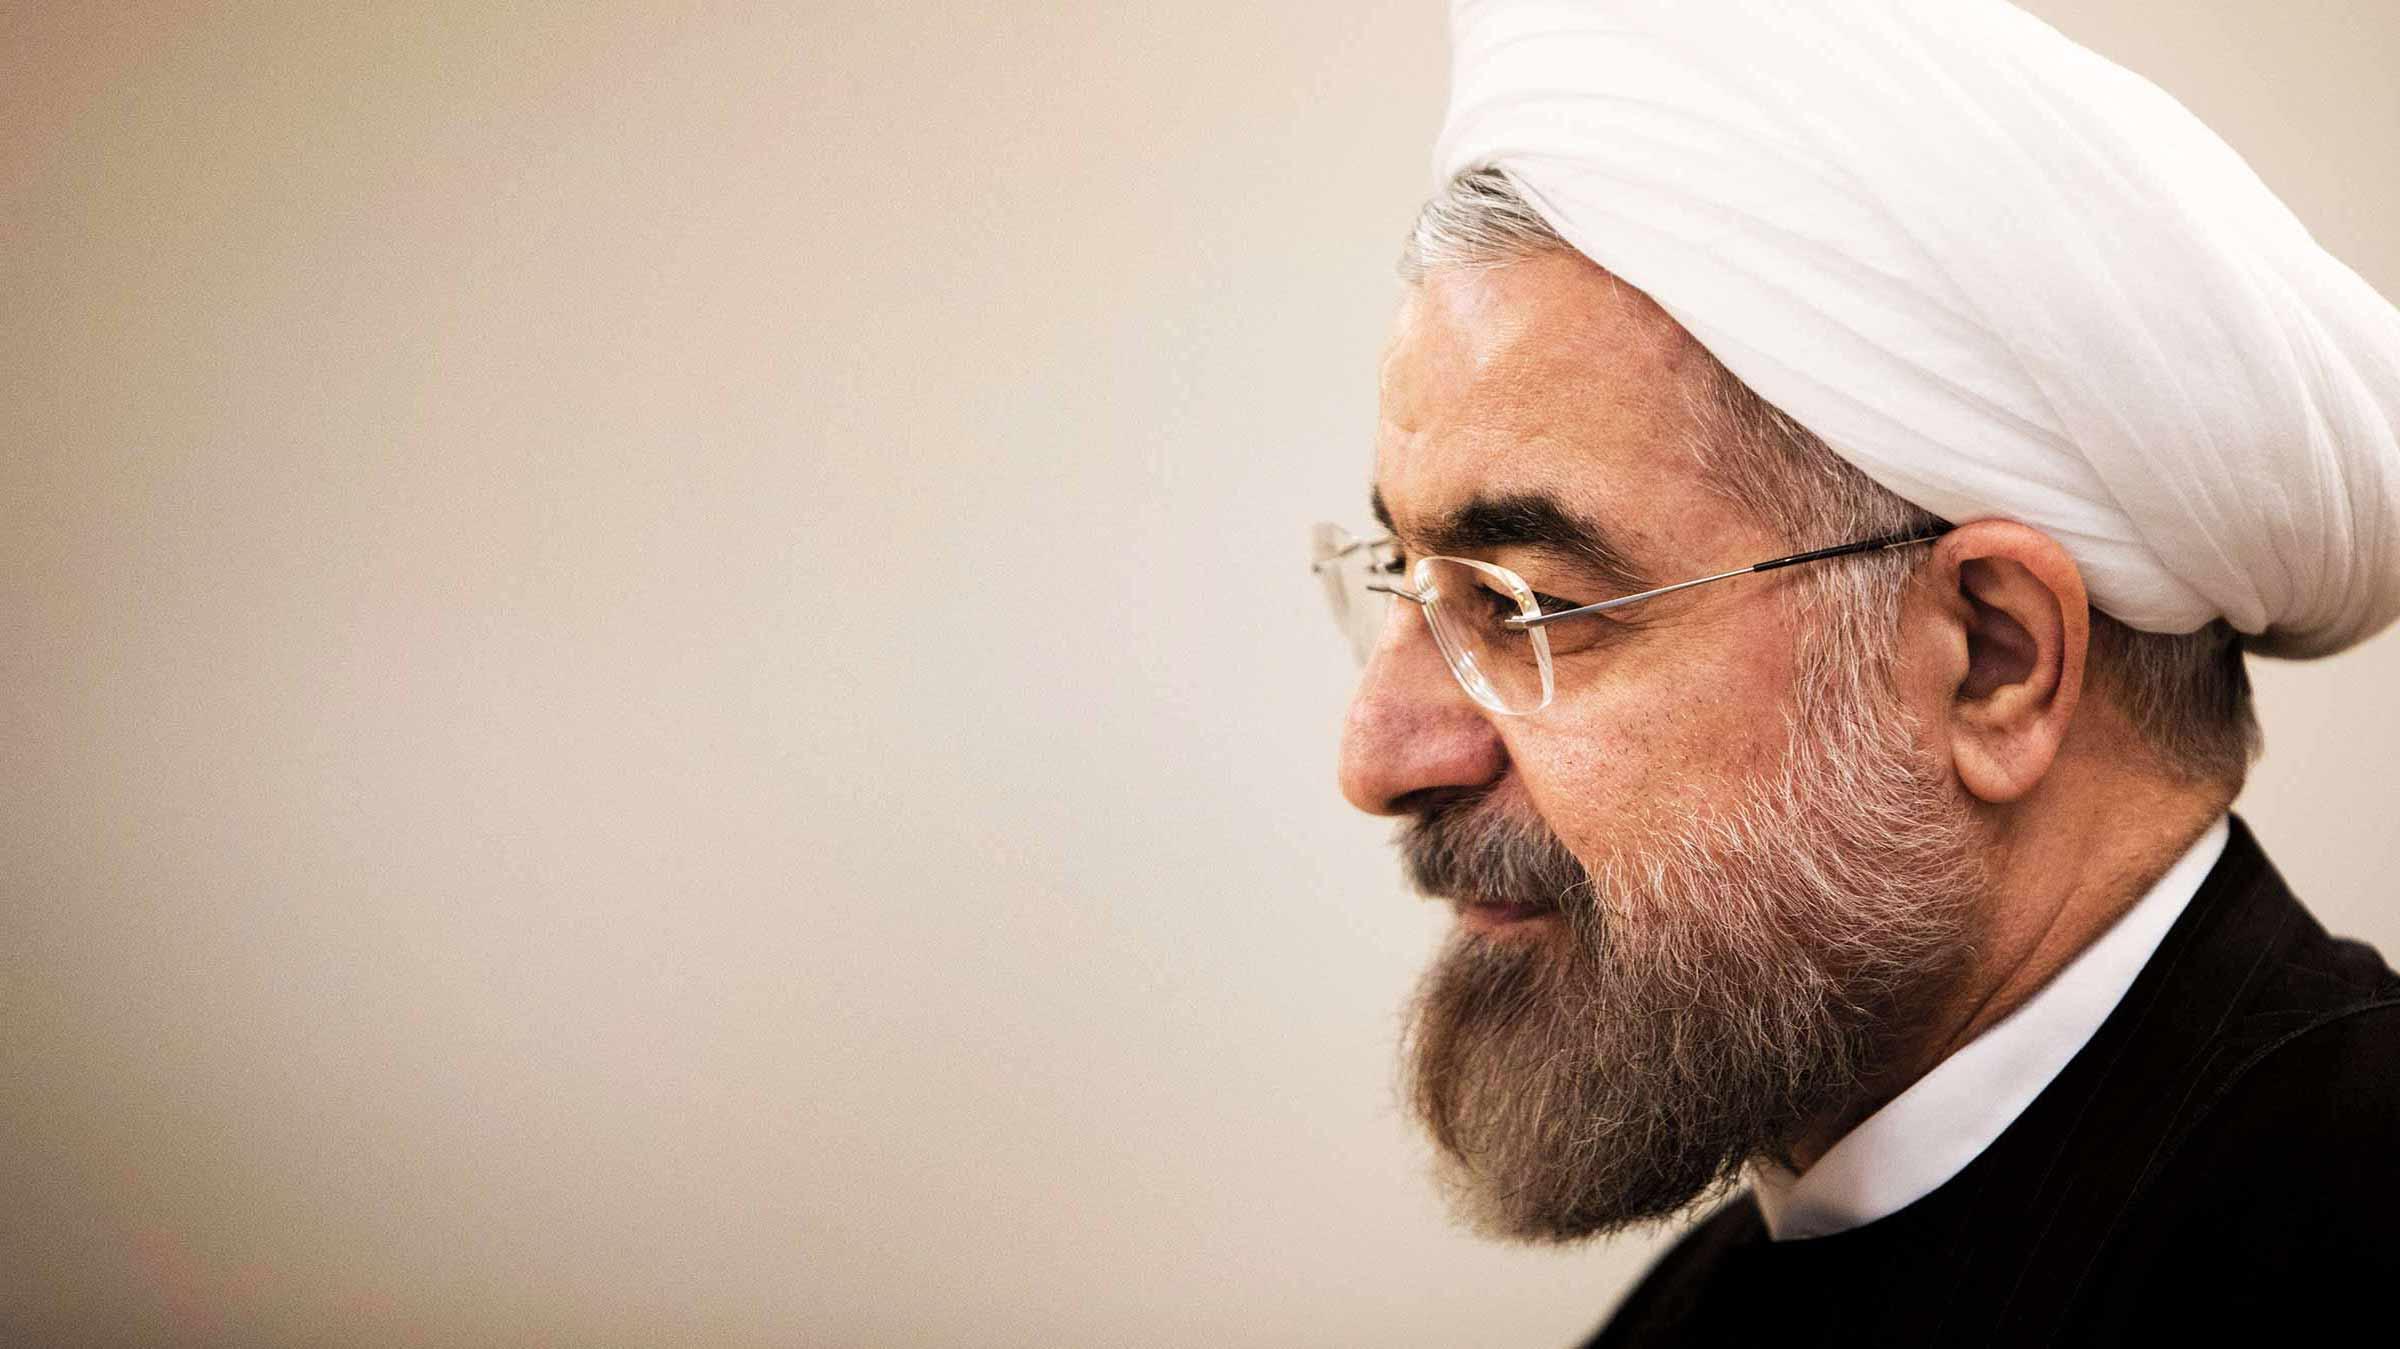 شیادان آژانس را آلوده کردهاند/ اروپاییها شرمنده ایران هستند